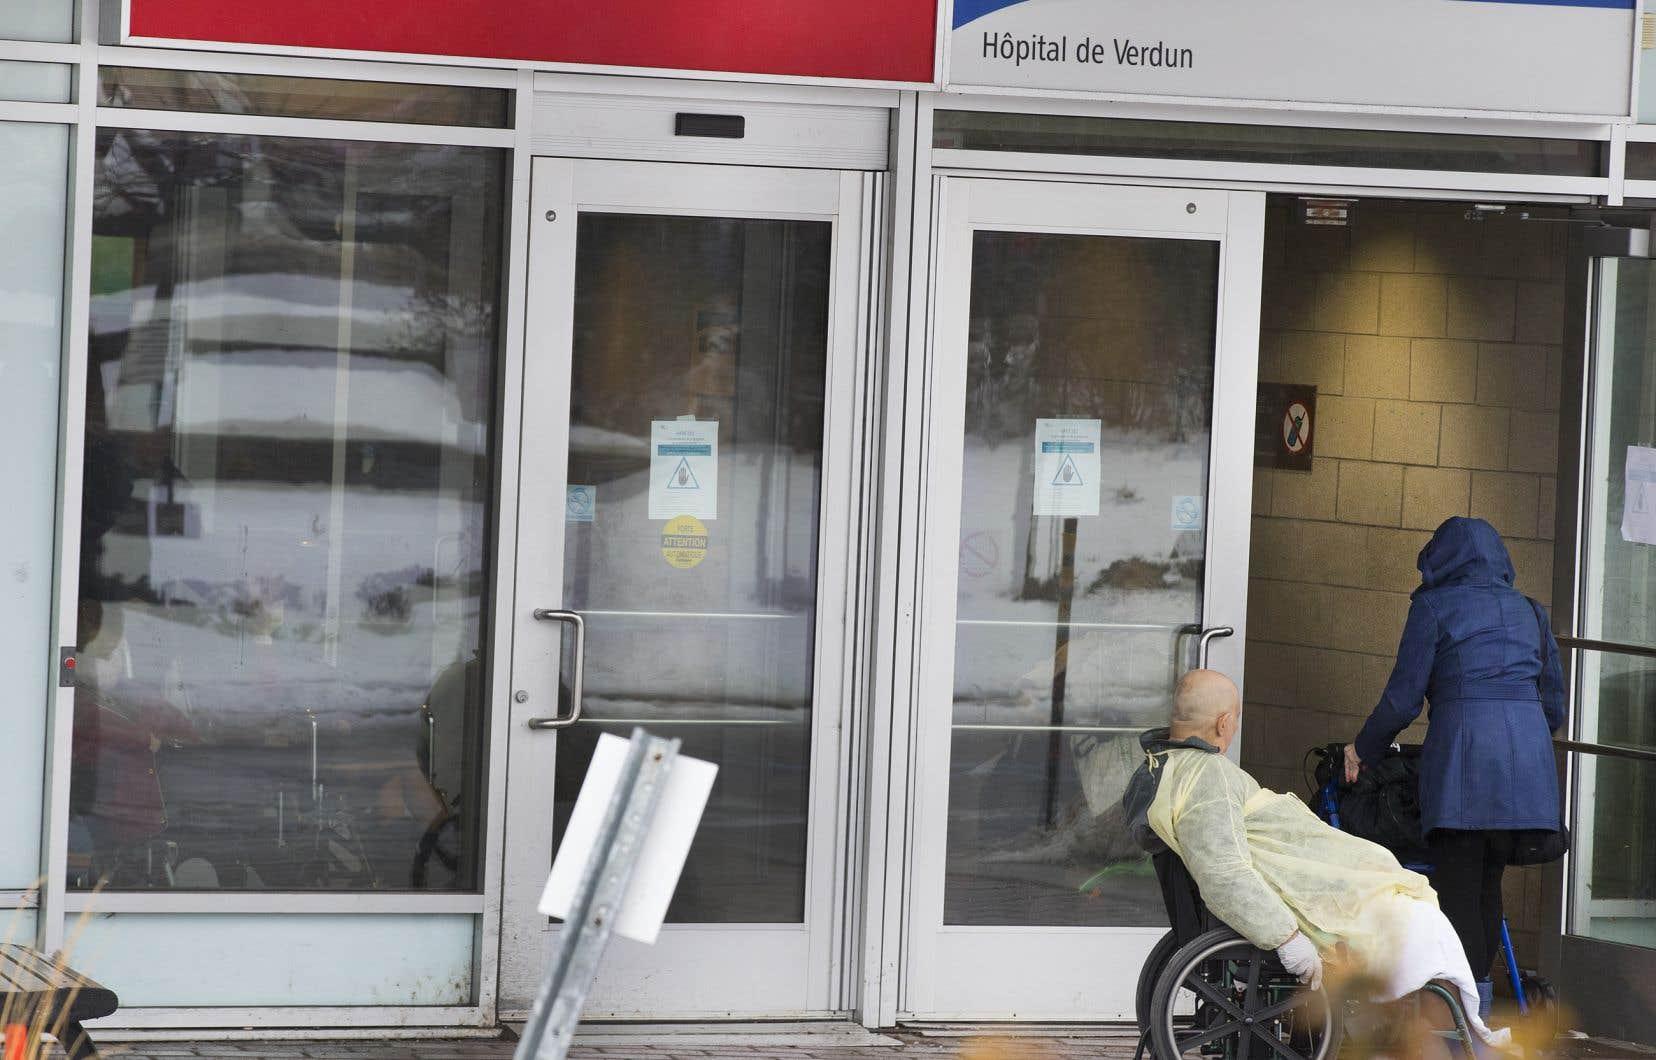 Les nouvelles places pourront accueillir les patients hospitalisés qui ont besoin de soins plus légers que ceux offerts à l'hôpital.